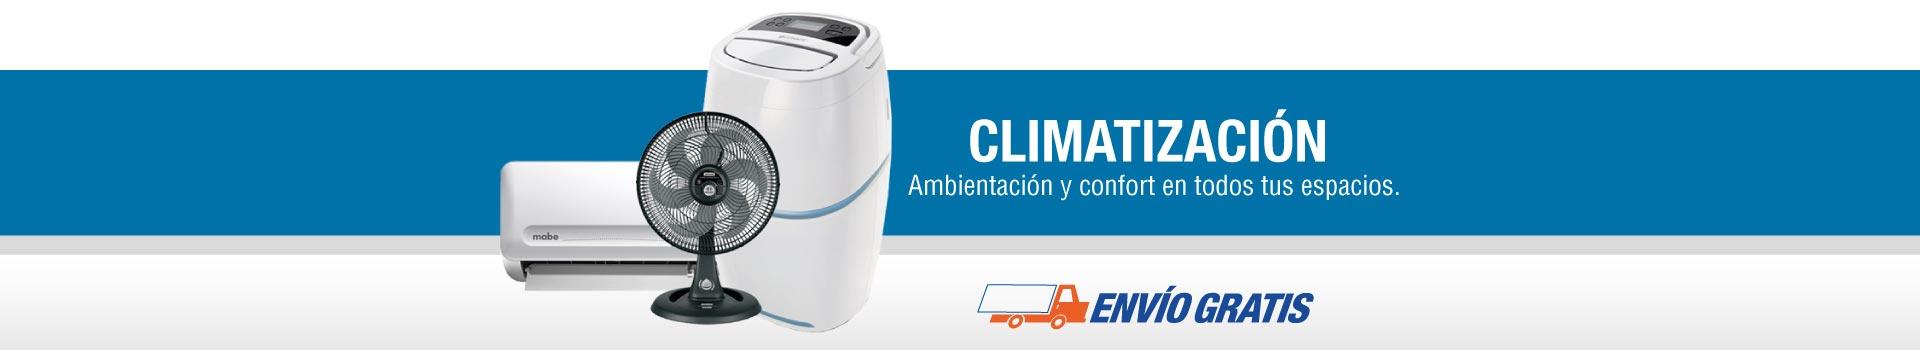 Climatización: Ambientación y confort en todos tus espacios.